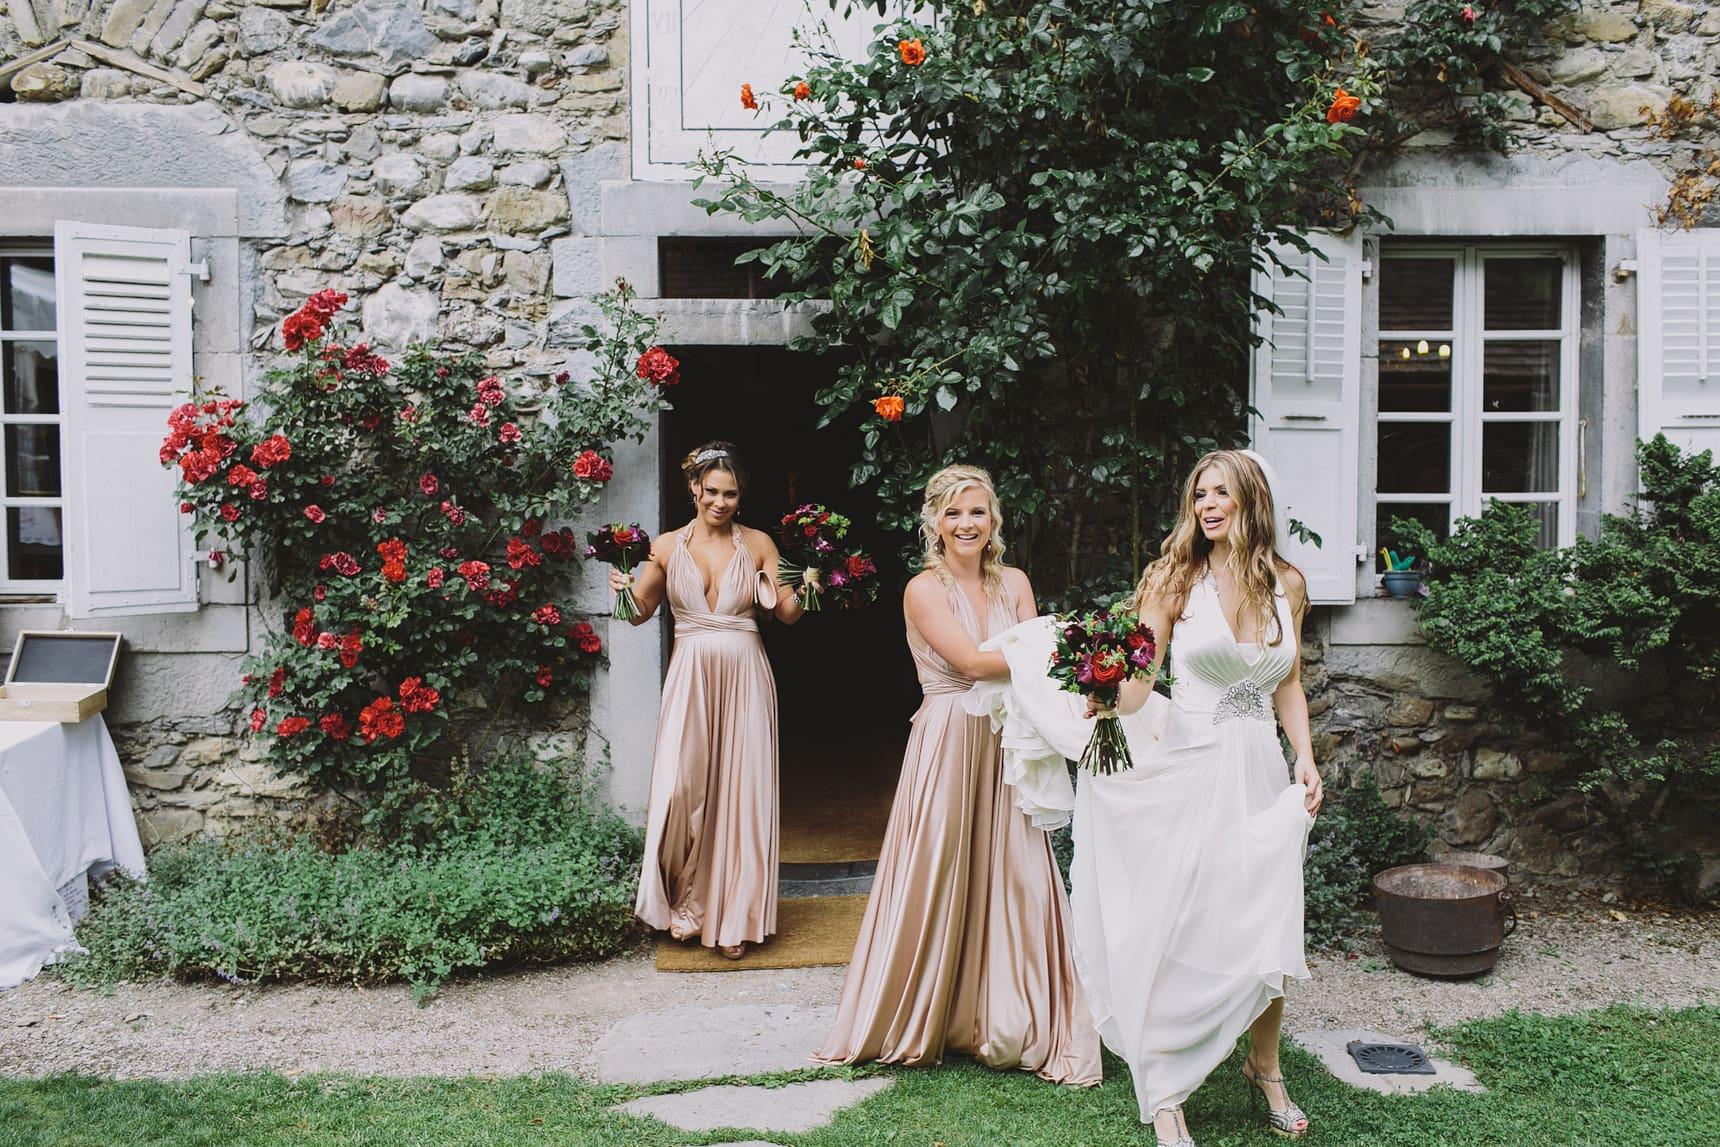 morzine bride and bridesmaids